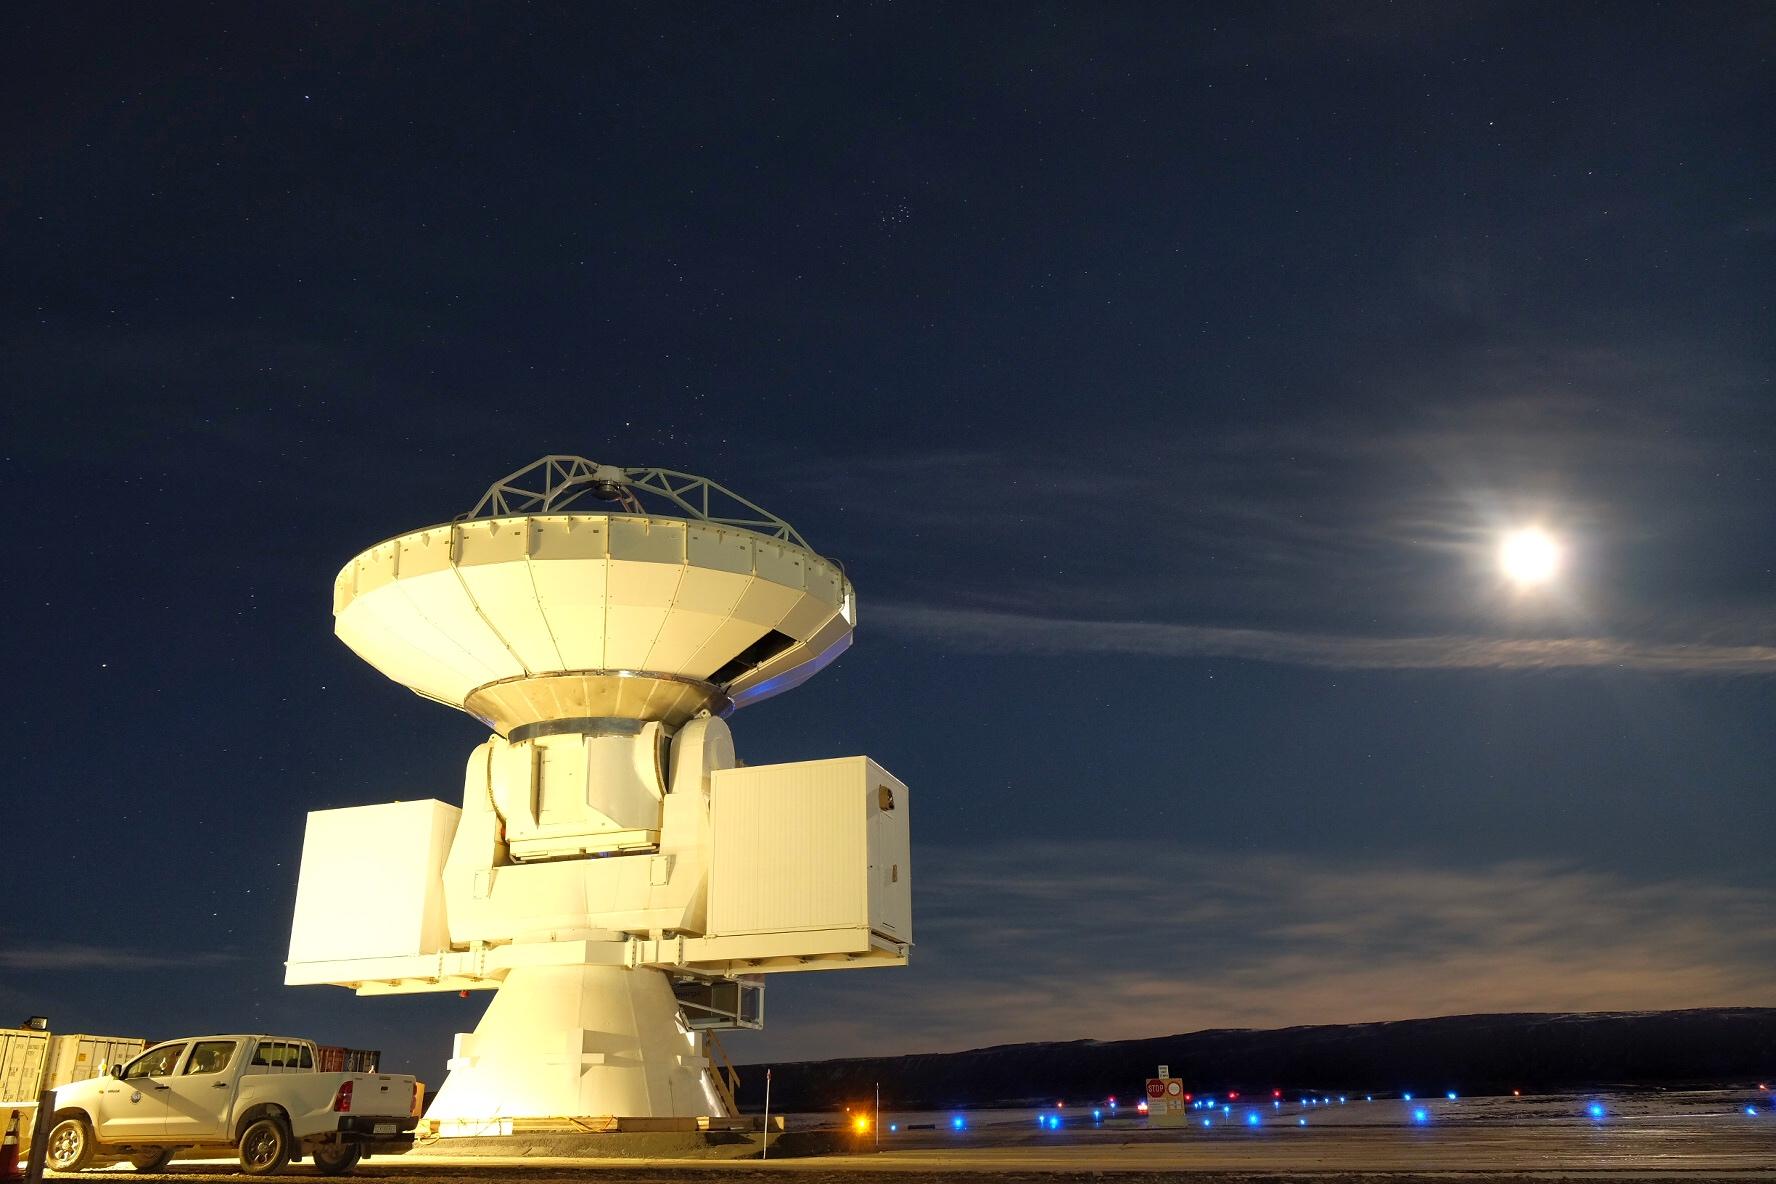 在格陵蘭建造望遠鏡,除了靠天吃飯,也需要有經驗的天文工程團隊。圖片來源│格陵蘭望遠鏡網站